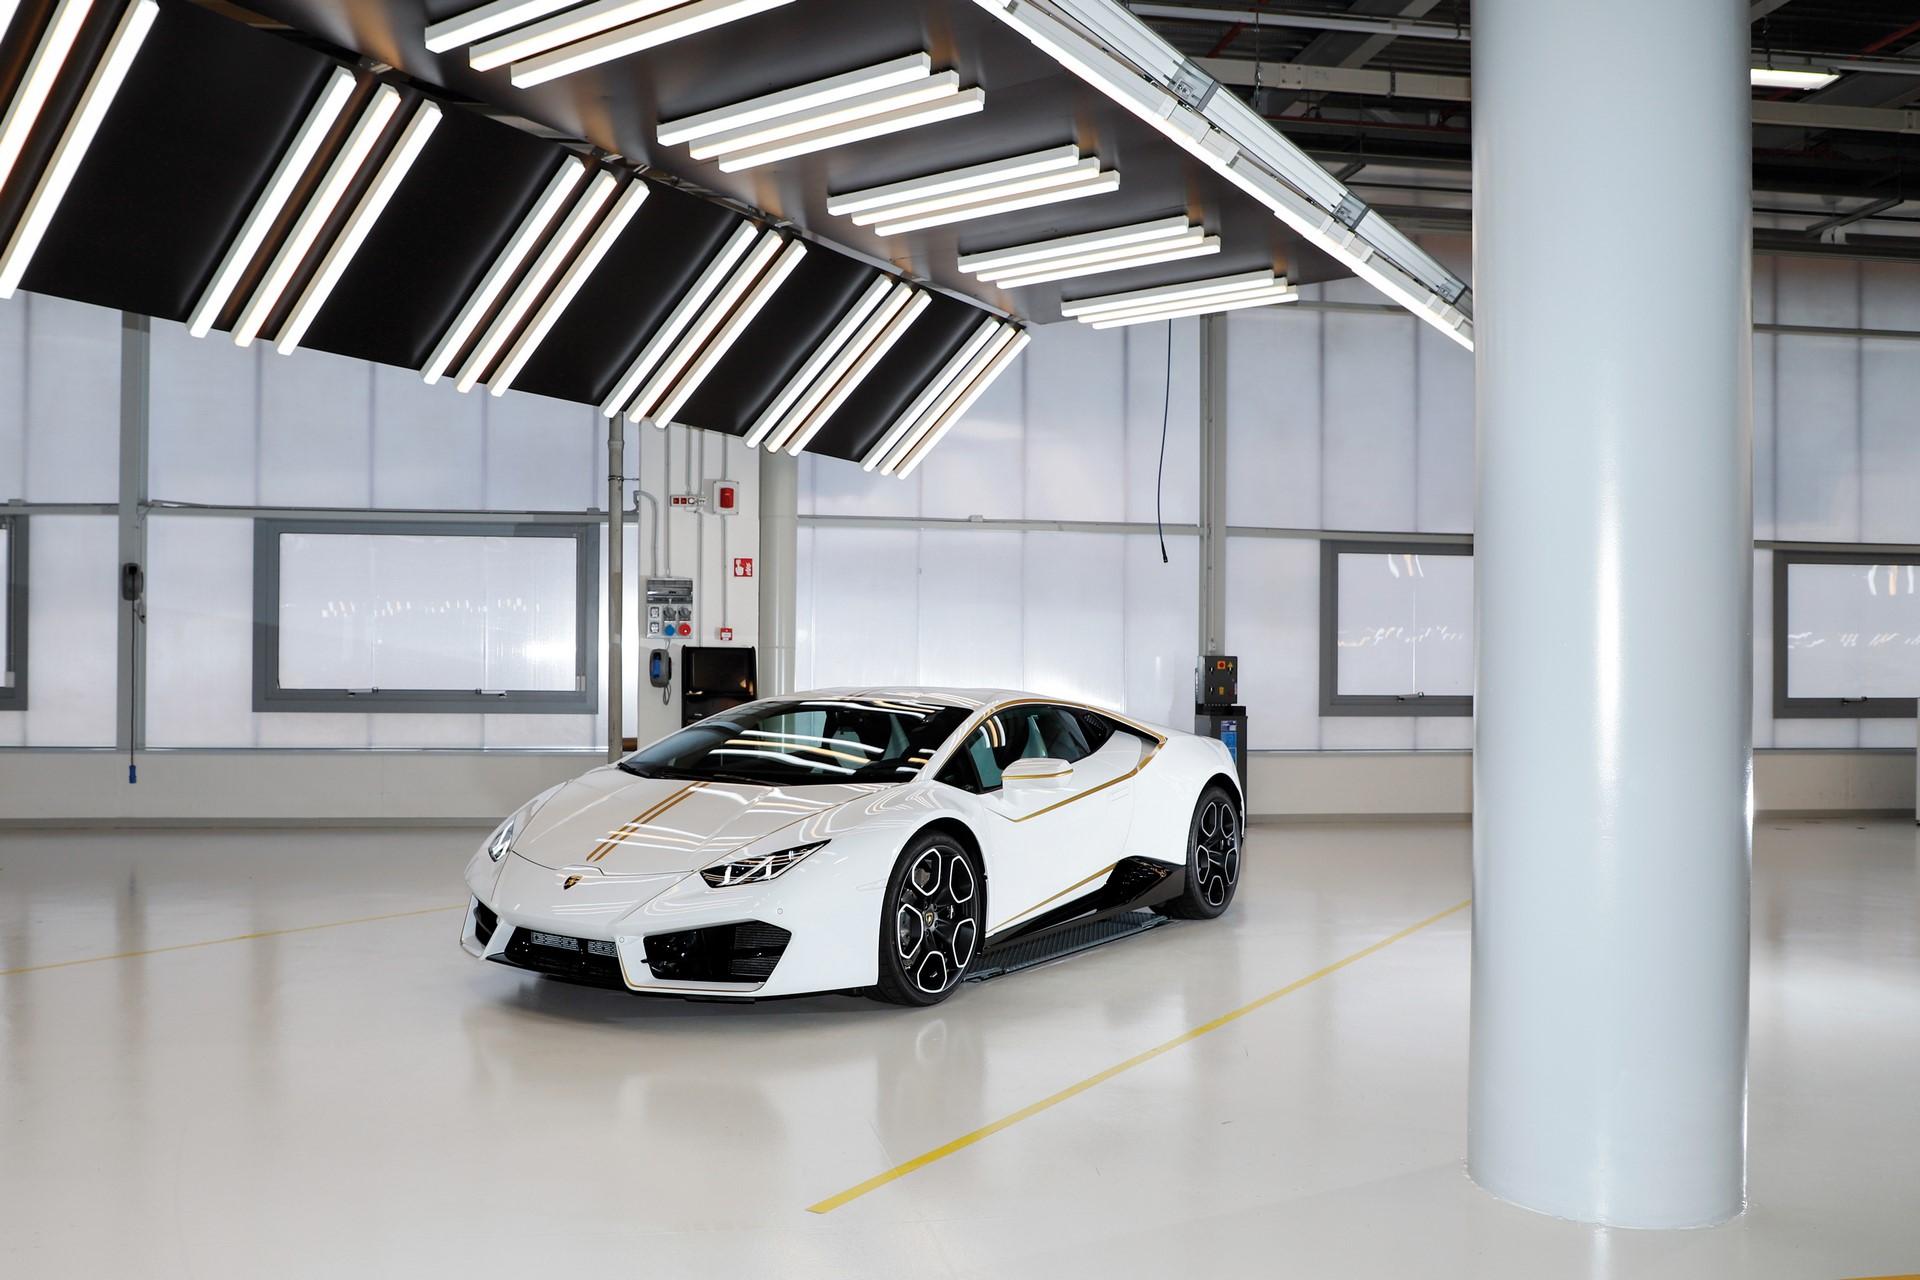 2018-Lamborghini-Huracan-RWD-Coupe_17